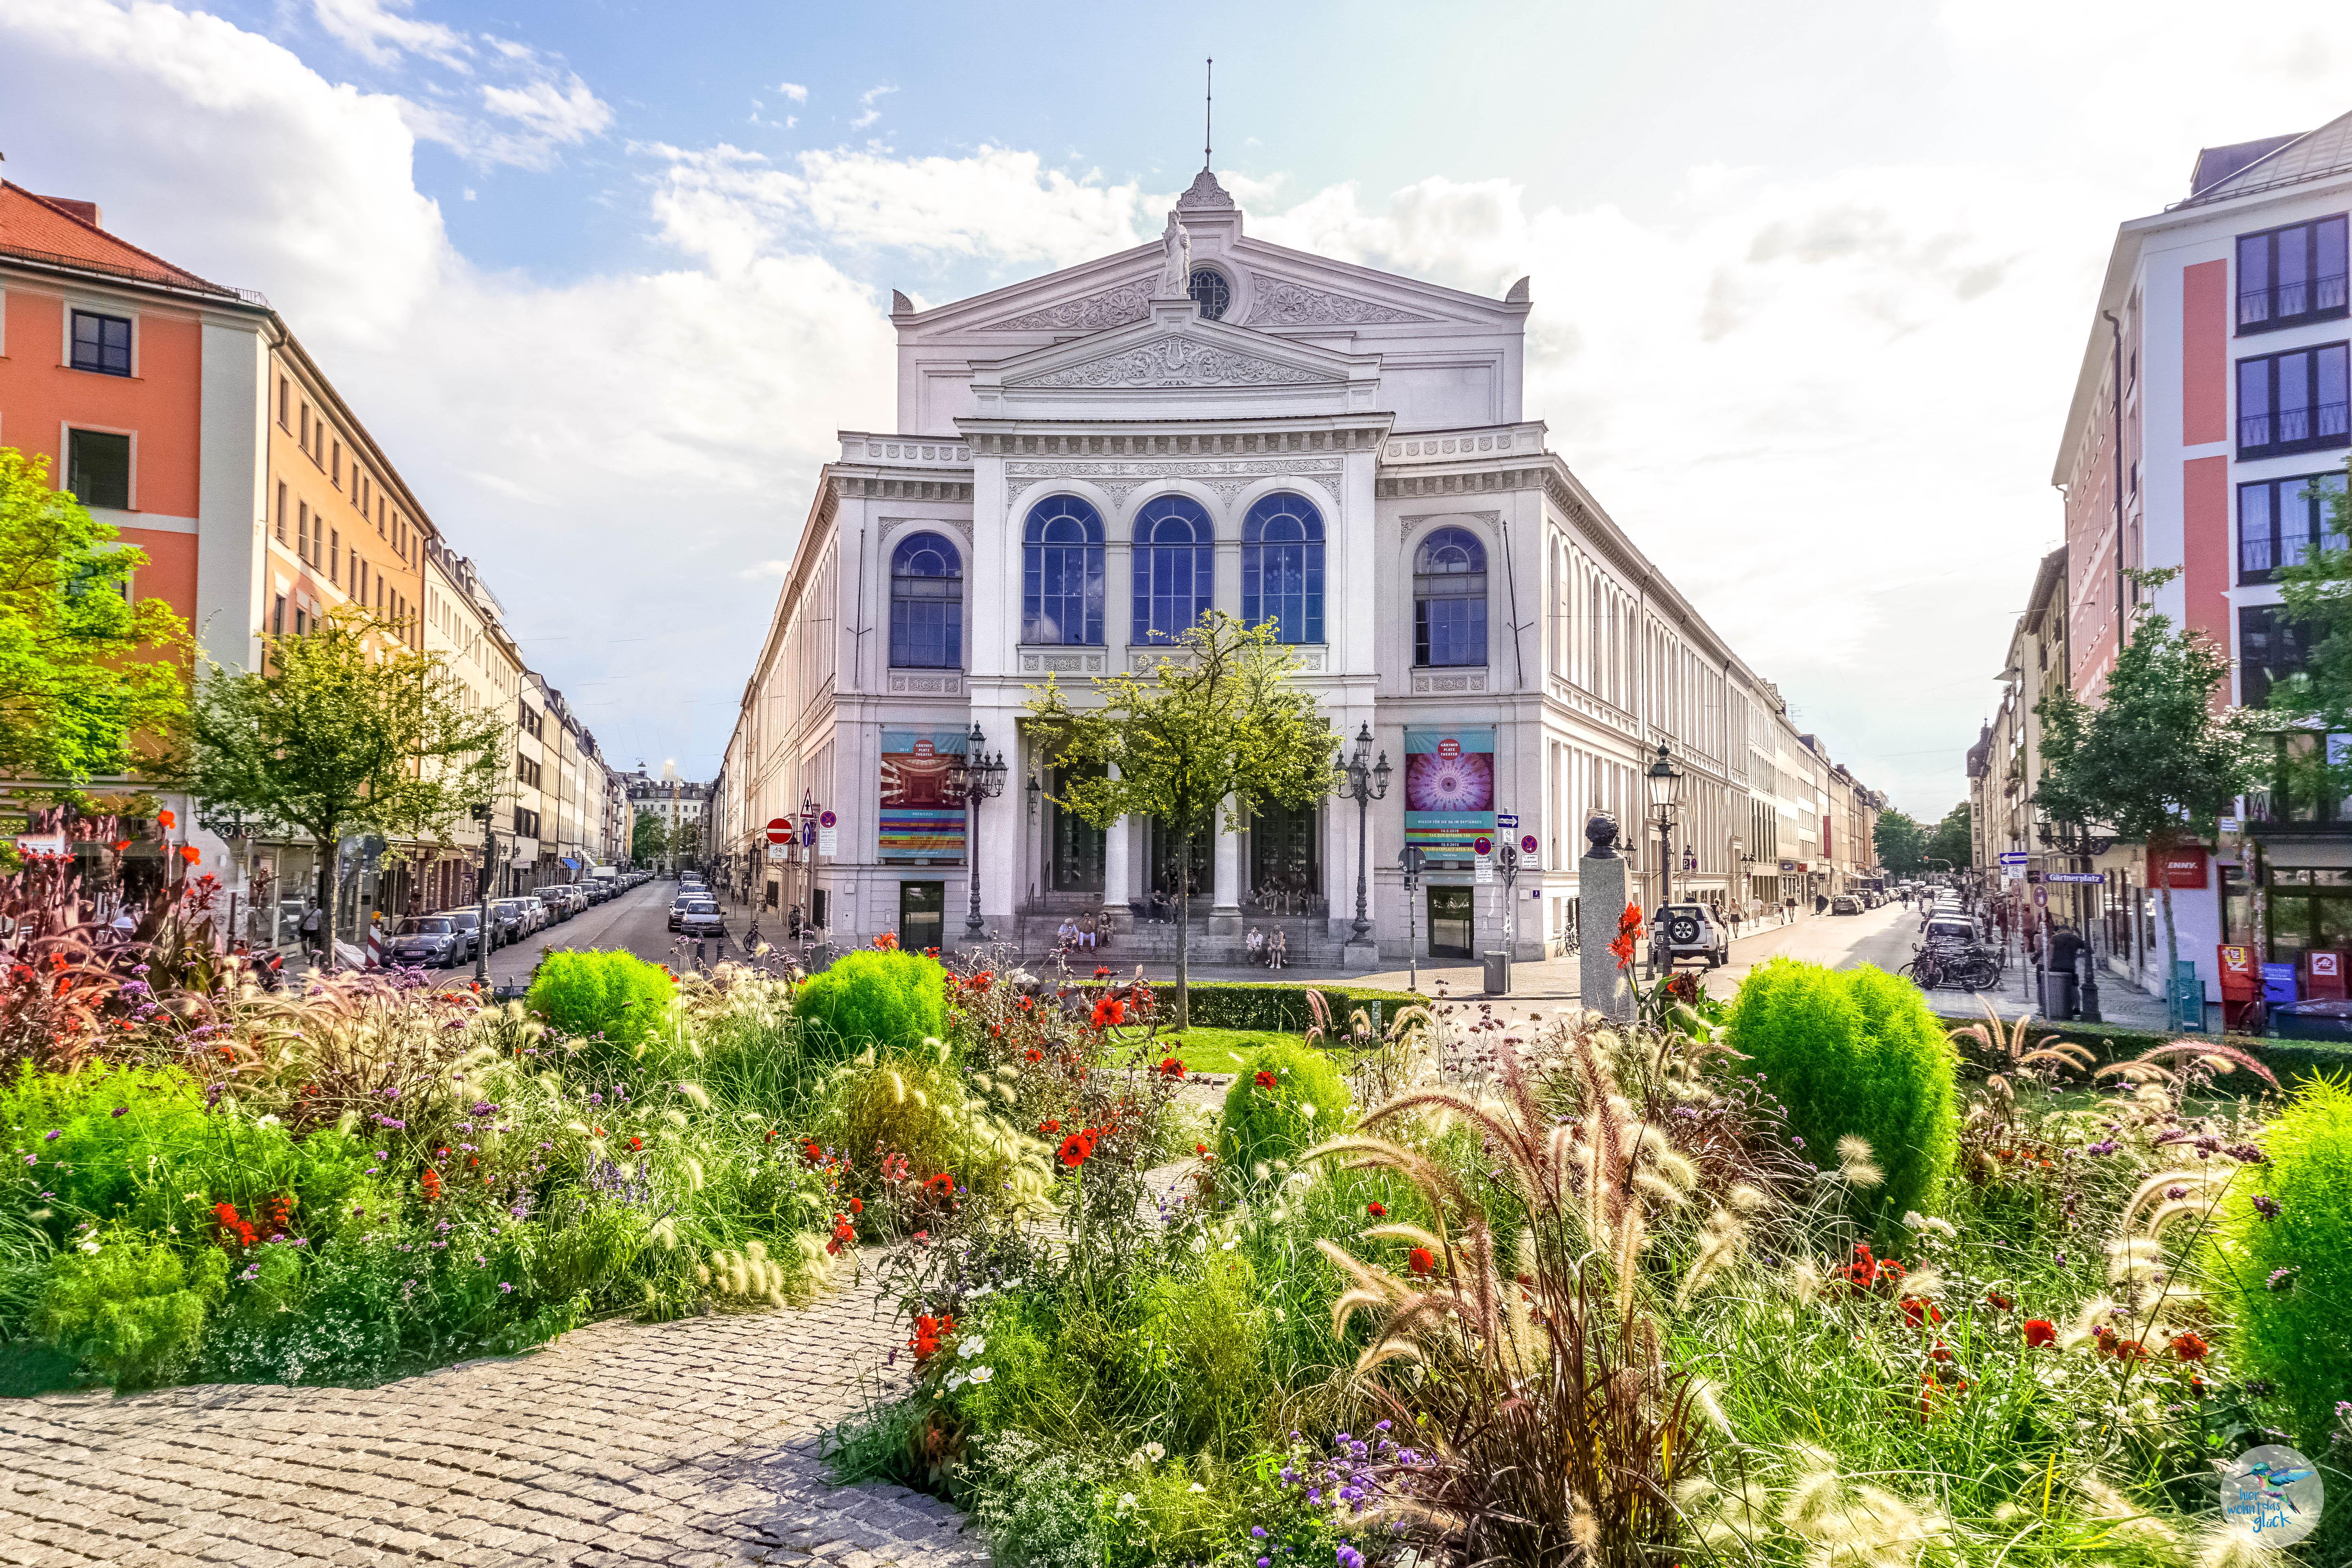 Der Gärtnerplatz - Zentrum des Glockenbachviertels